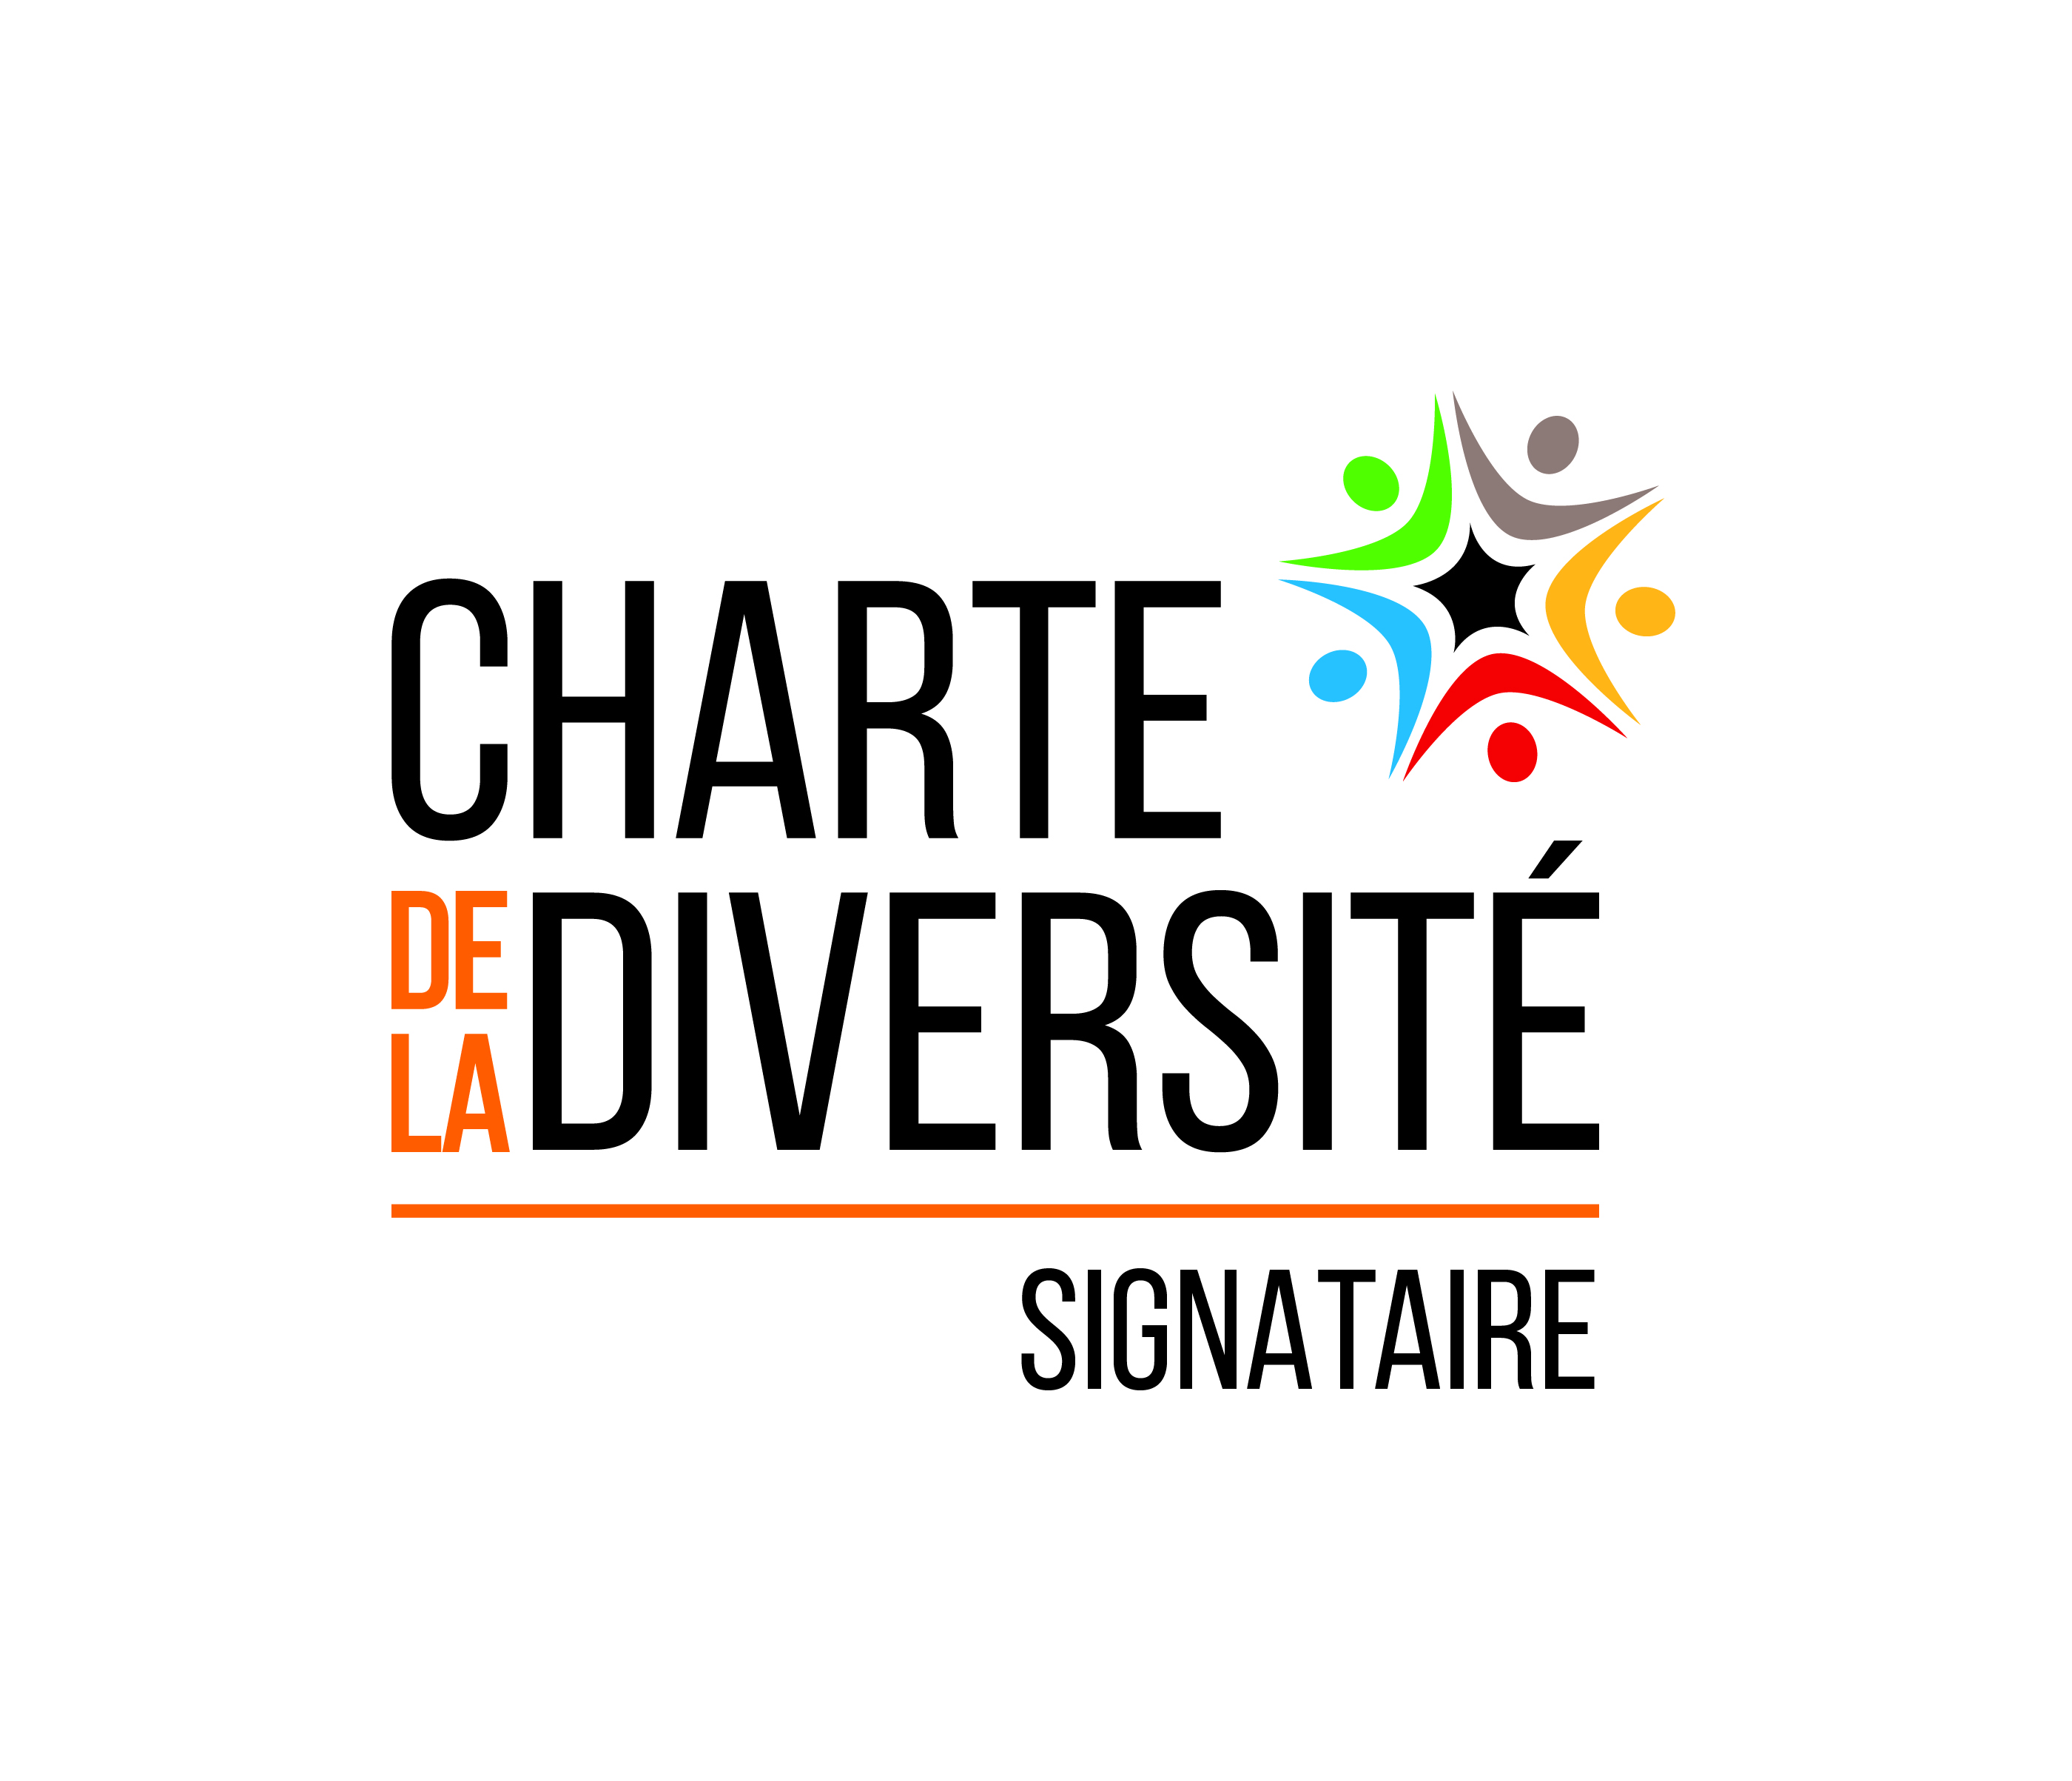 Saturne Services signataire de la charte de la diversité